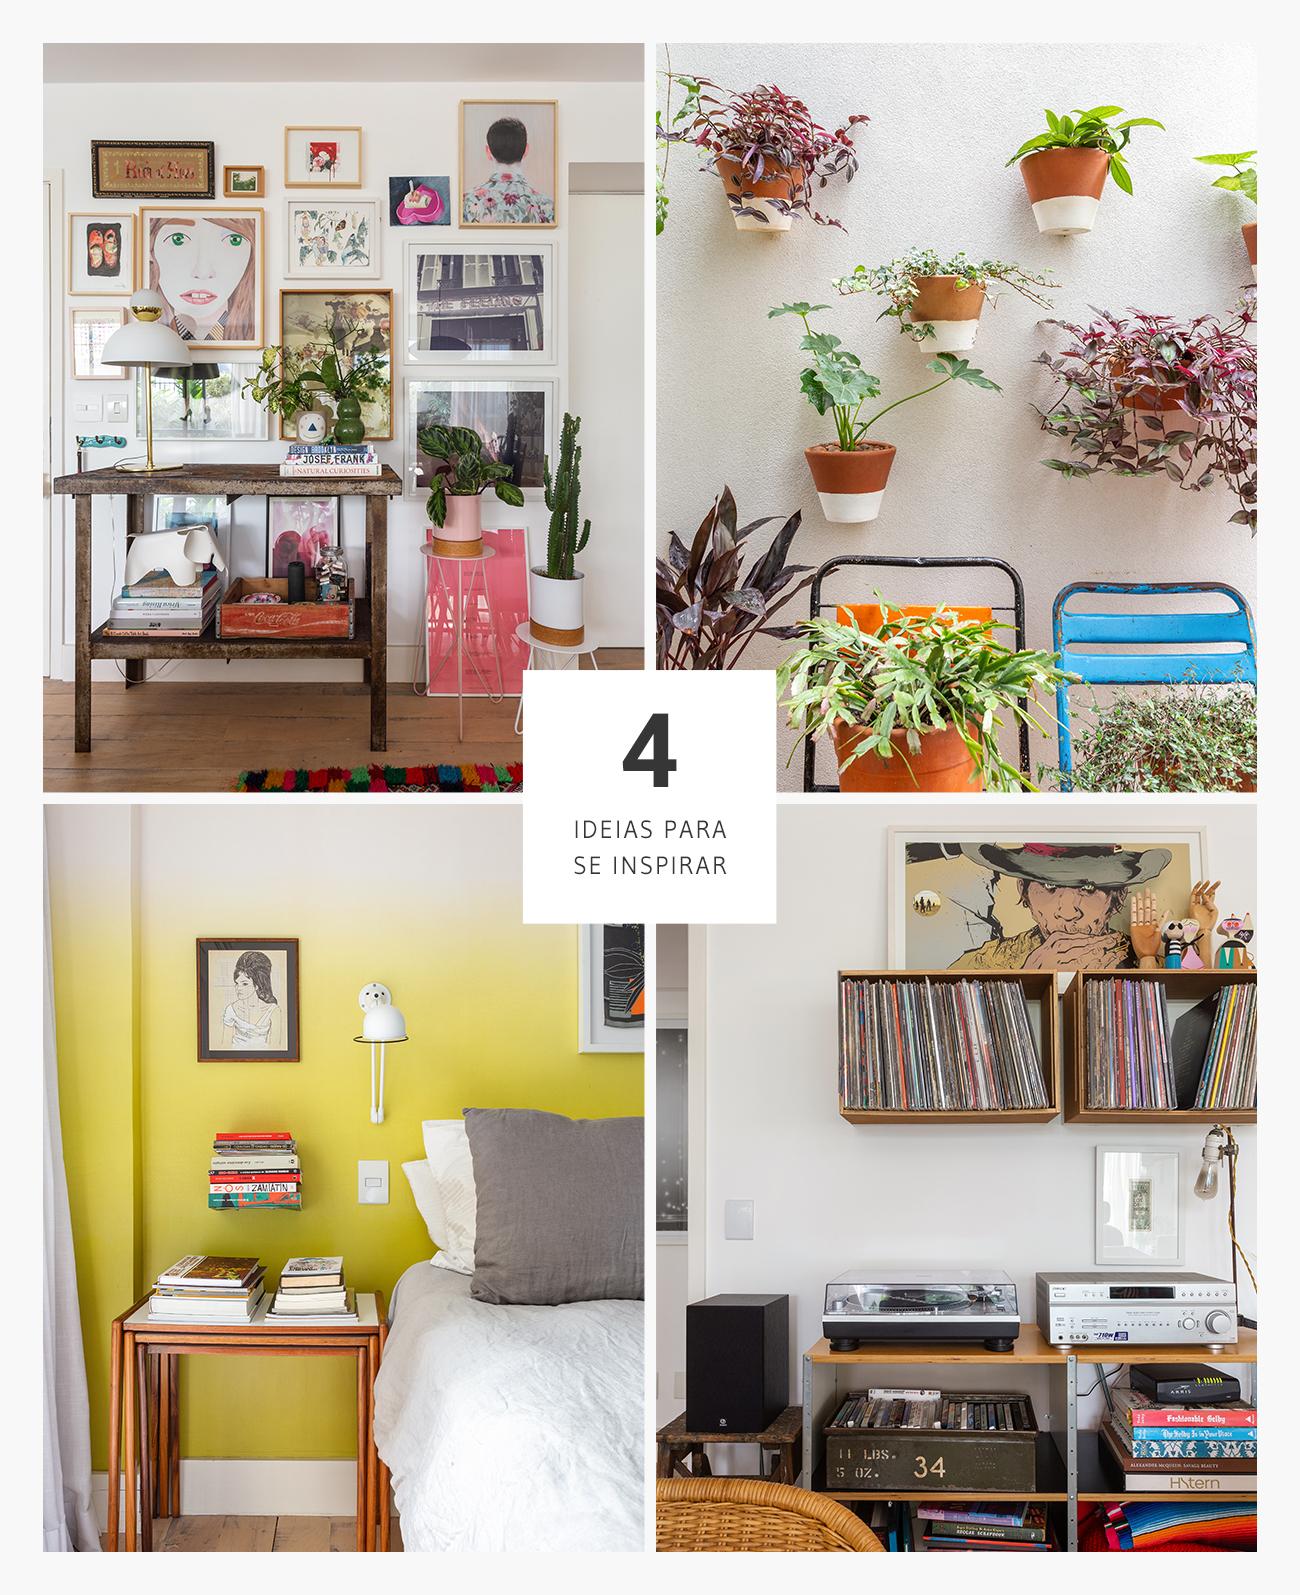 Quatro ideias de decoração para a parede